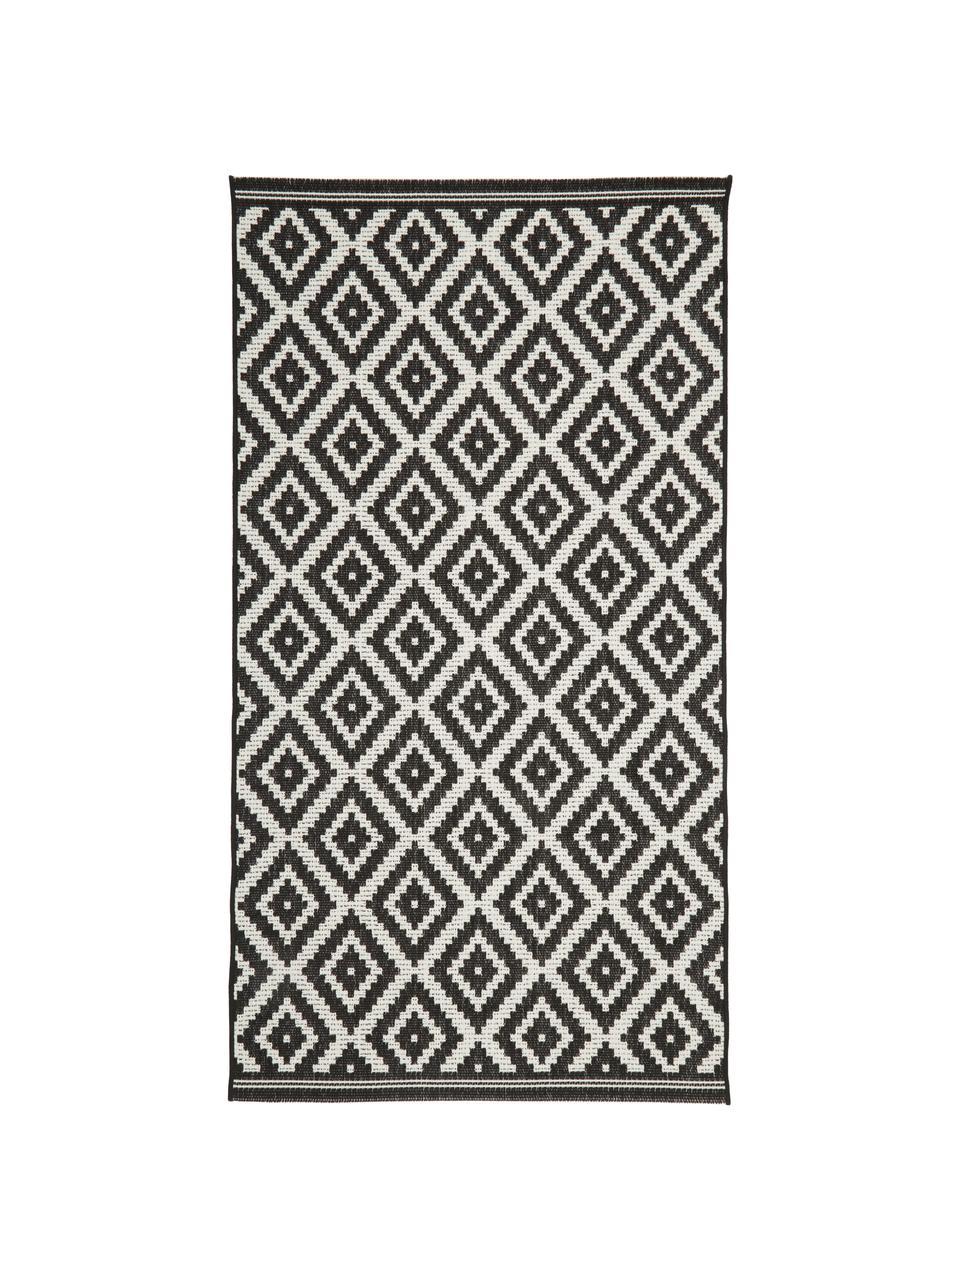 Gemusterter In- & Outdoor-Teppich Miami in Schwarz/Weiß, 86% Polypropylen, 14% Polyester, Cremeweiß, Schwarz, B 160 x L 230 cm (Größe M)